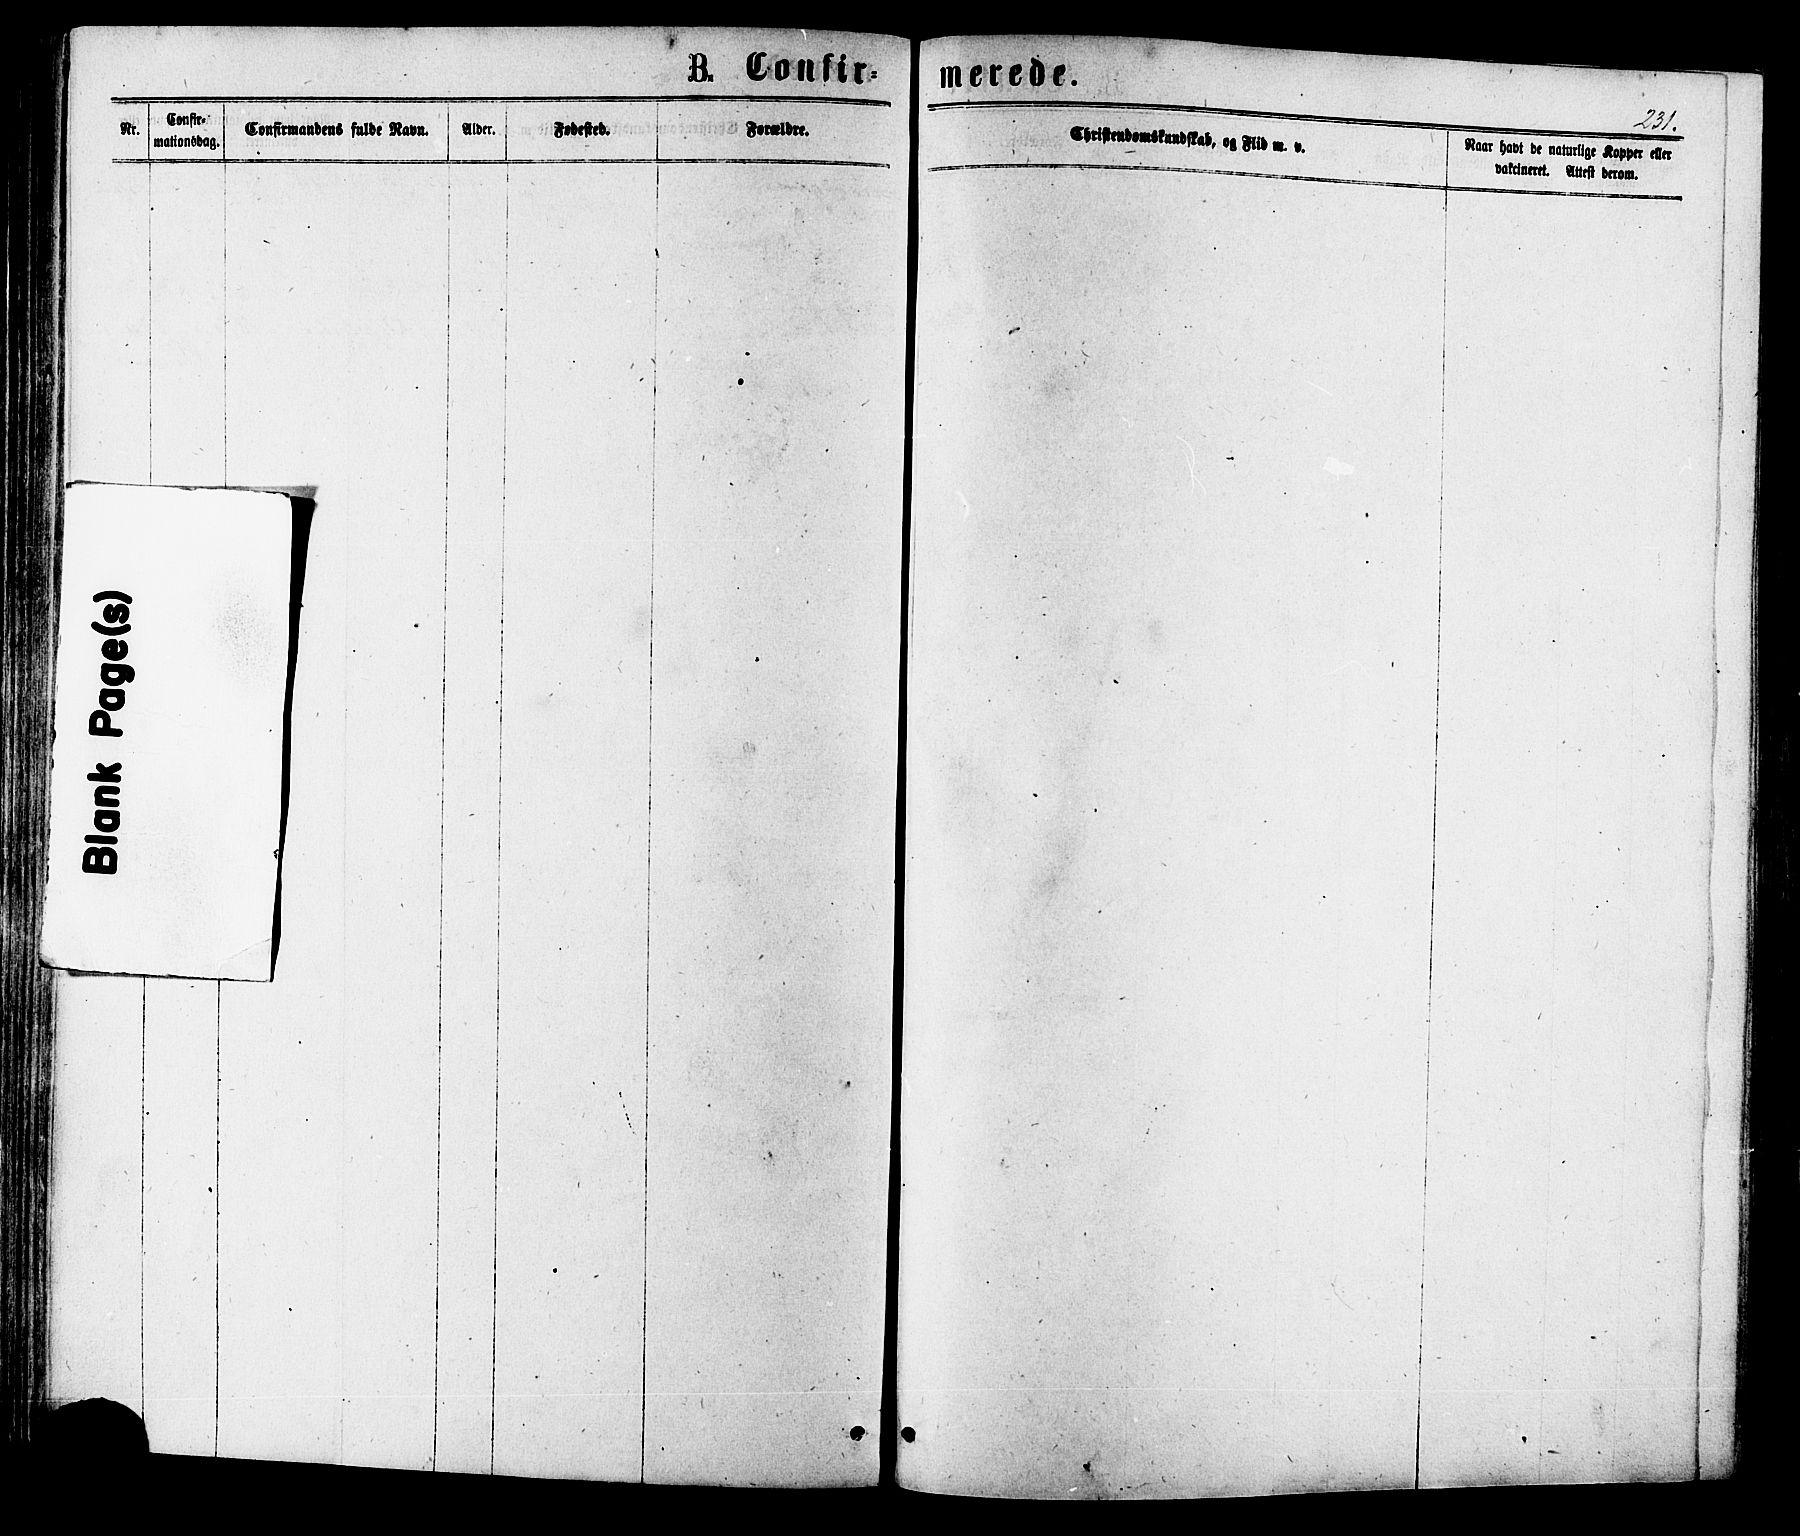 SAT, Ministerialprotokoller, klokkerbøker og fødselsregistre - Sør-Trøndelag, 630/L0495: Ministerialbok nr. 630A08, 1868-1878, s. 231